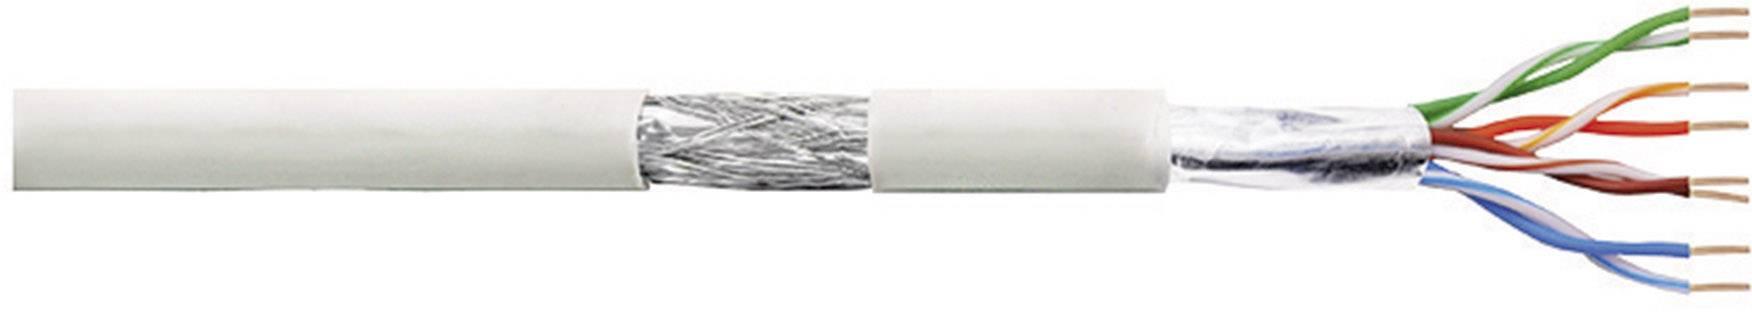 Síťový kabel F/UTP Cat 5e LogiLink CPV0018, stíněný, 305 m, šedá